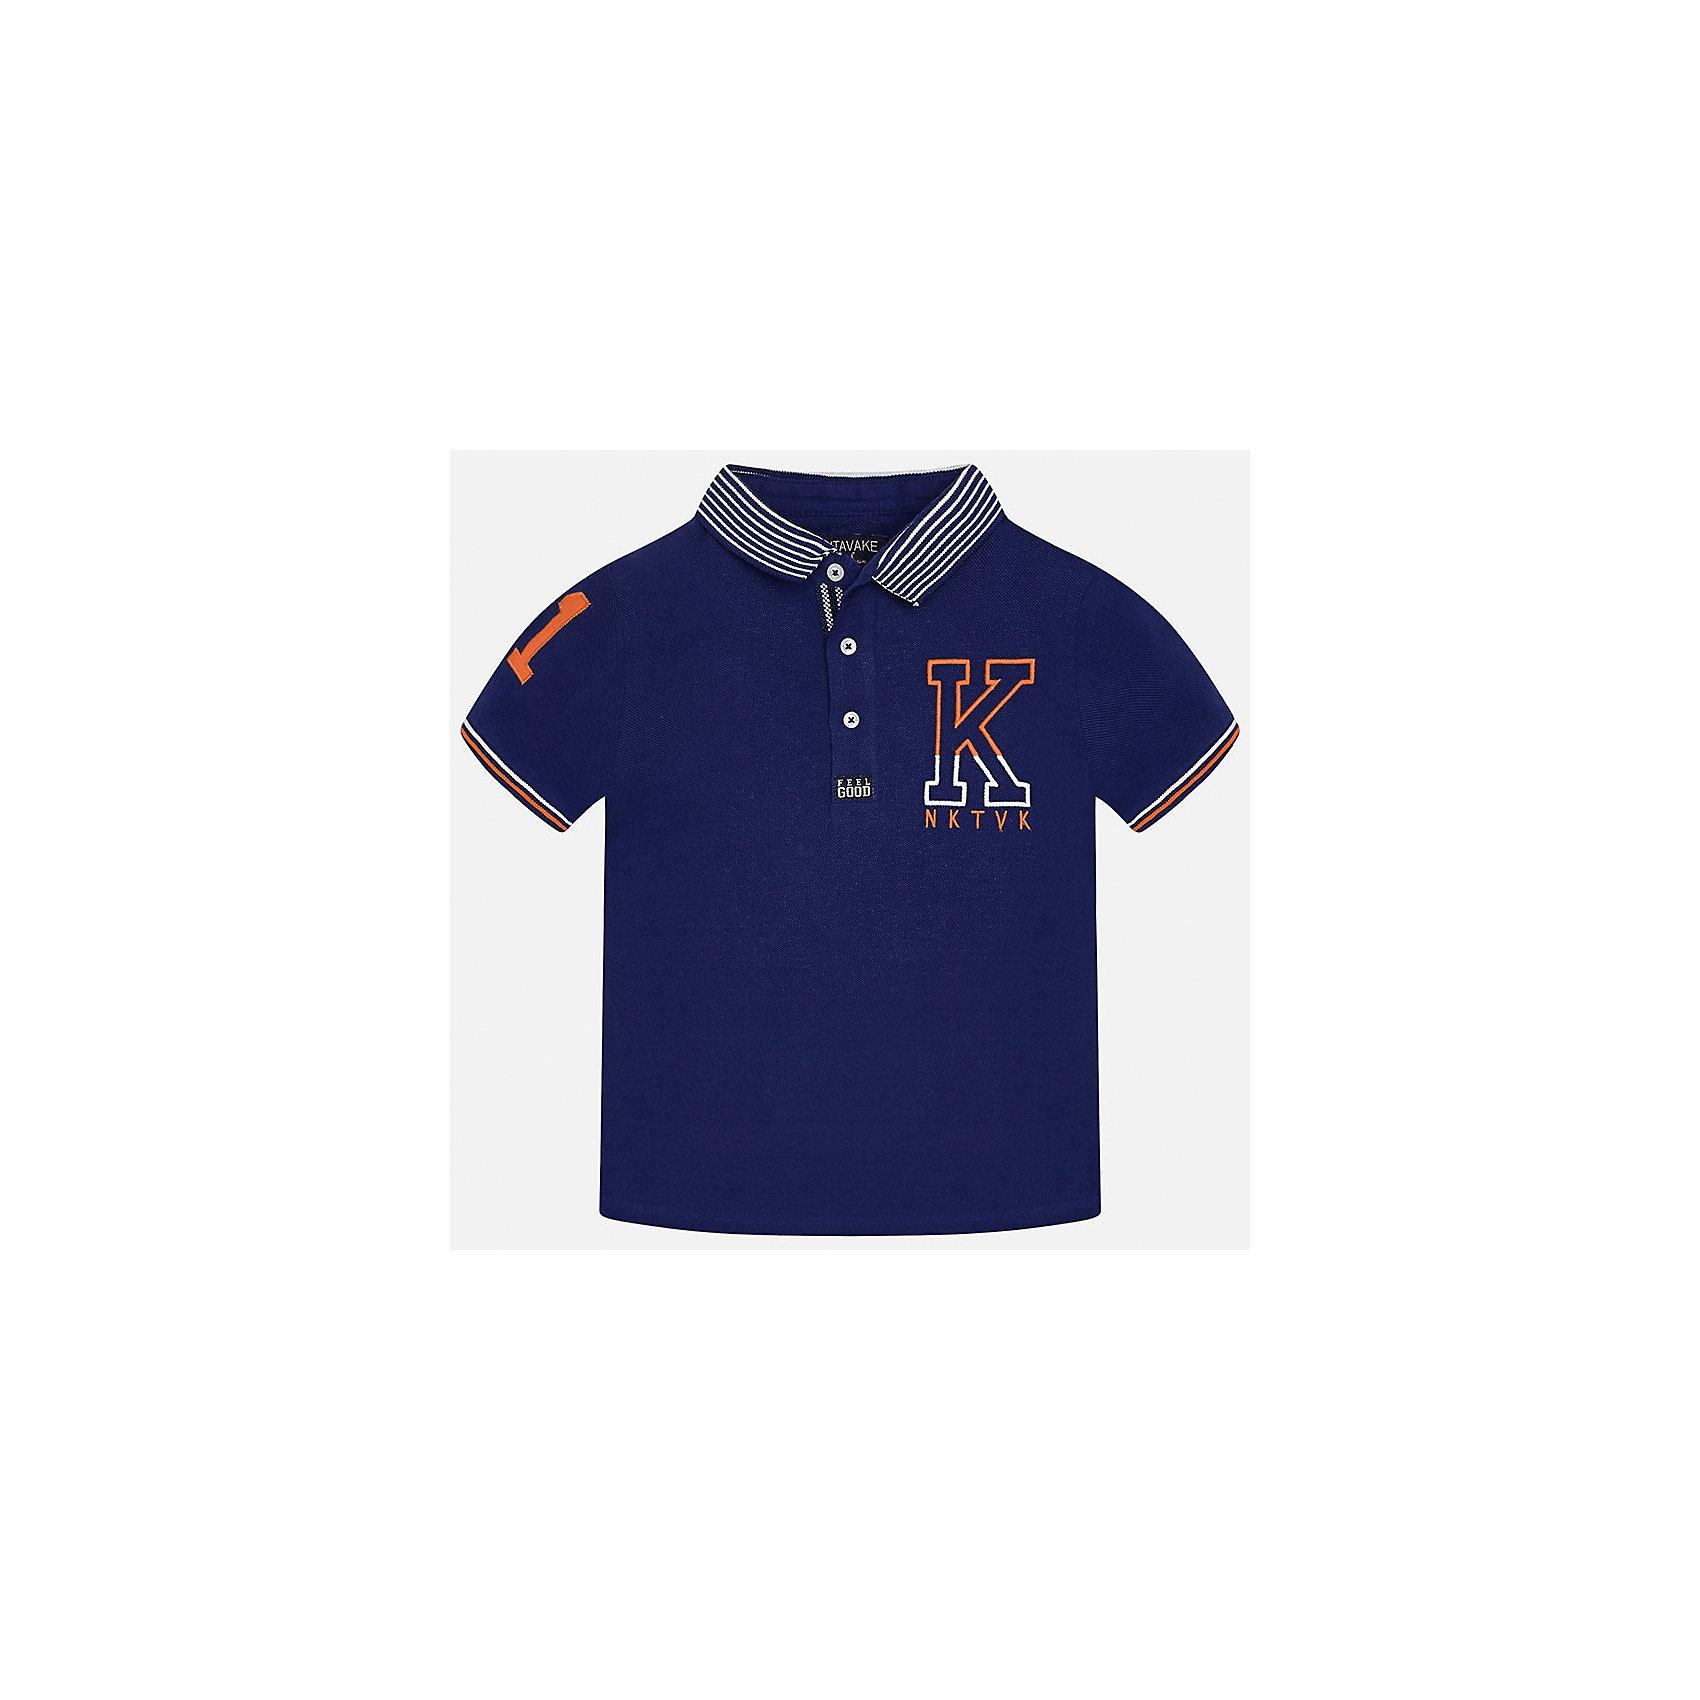 Футболка-поло для мальчика MayoralХарактеристики товара:<br><br>• цвет: синий<br>• состав: 100% хлопок<br>• отложной воротник<br>• декорирована вышивкой<br>• короткие рукава<br>• застежки: пуговицы<br>• страна бренда: Испания<br><br>Удобная стильная футболка-поло поможет разнообразить гардероб мальчика. Она отлично сочетается с брюками, шортами, джинсами. Универсальный крой и цвет позволяет подобрать к вещи низ разных расцветок. Практичное и стильное изделие! Хорошо смотрится и комфортно сидит на детях. В составе материала - только натуральный хлопок, гипоаллергенный, приятный на ощупь, дышащий. <br><br>Одежда, обувь и аксессуары от испанского бренда Mayoral полюбились детям и взрослым по всему миру. Модели этой марки - стильные и удобные. Для их производства используются только безопасные, качественные материалы и фурнитура. Порадуйте ребенка модными и красивыми вещами от Mayoral! <br><br>Футболку-поло для мальчика от испанского бренда Mayoral (Майорал) можно купить в нашем интернет-магазине.<br><br>Ширина мм: 230<br>Глубина мм: 40<br>Высота мм: 220<br>Вес г: 250<br>Цвет: черный<br>Возраст от месяцев: 156<br>Возраст до месяцев: 168<br>Пол: Мужской<br>Возраст: Детский<br>Размер: 140,152,158,170,164,128/134<br>SKU: 5281489